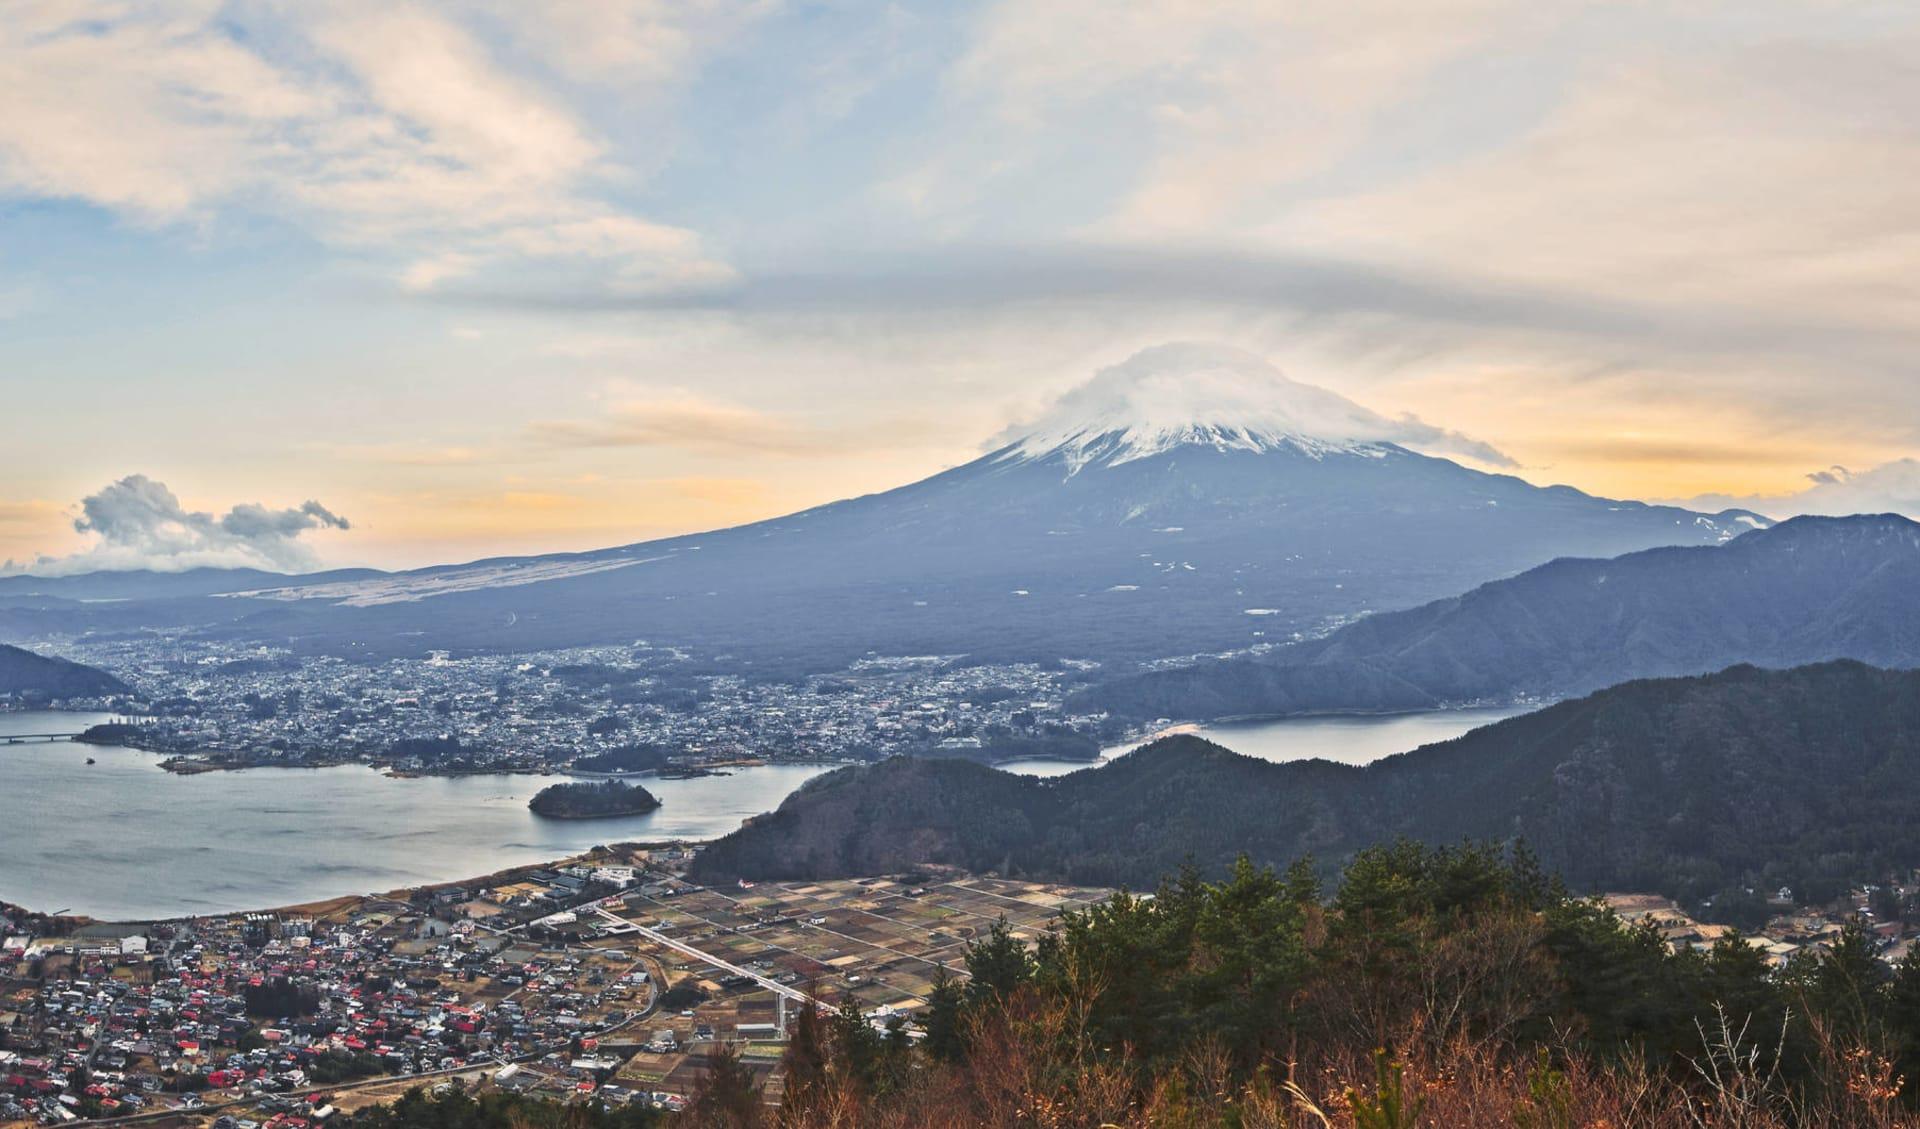 Gruppenreise «Geisha» ab Tokio: Mt Fuji with lake Kawaguchiko